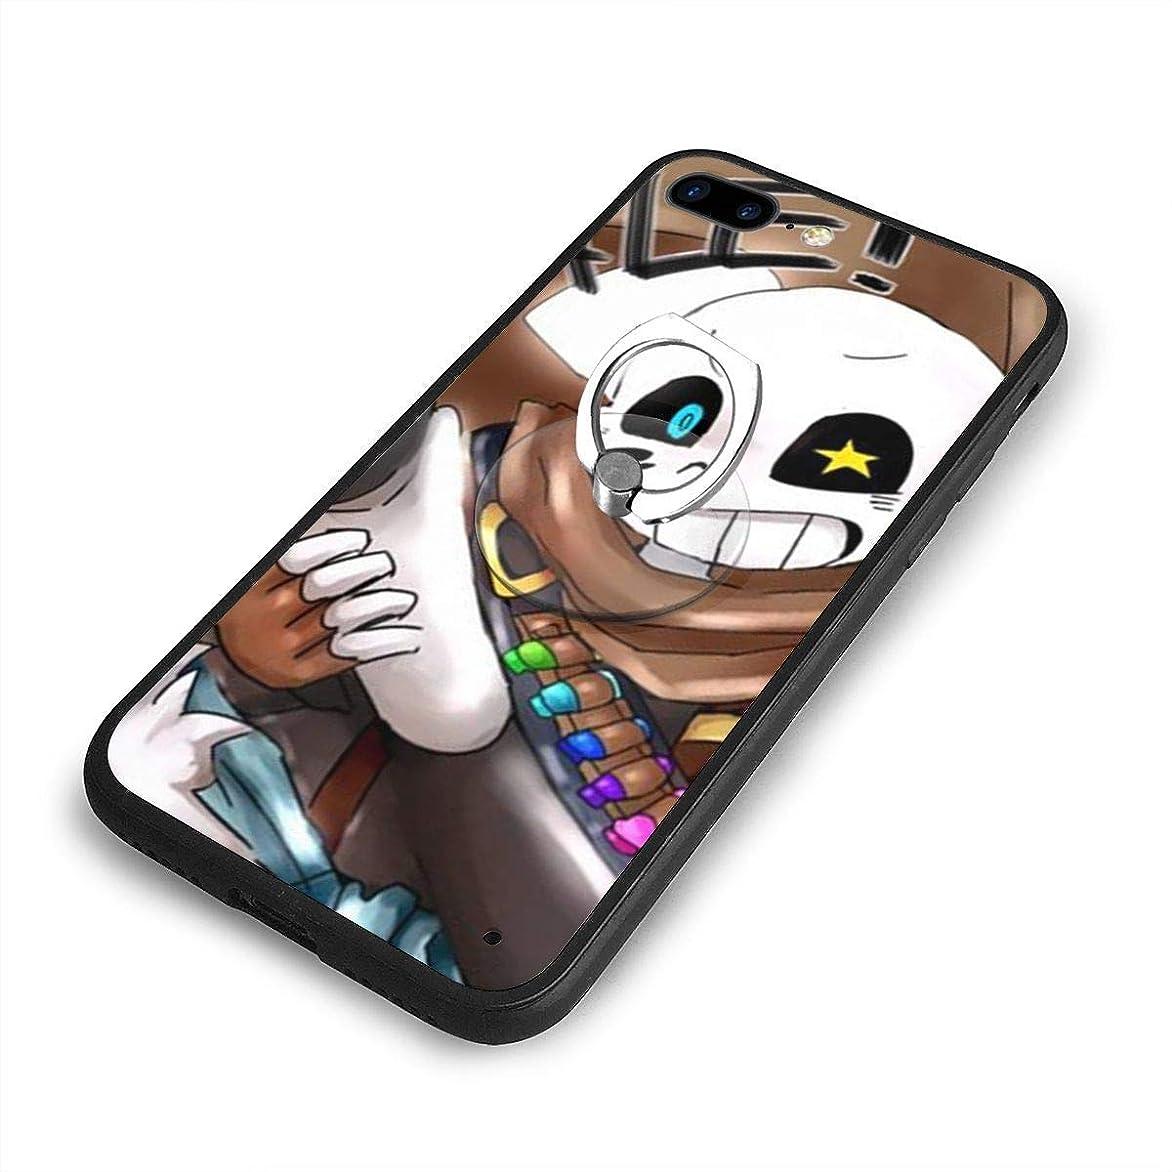 みなす規制切るUndertale Sansはあなたを望んでいますかiPhone 7/8 Plusケースリングブラケット 携帯カバー 創意デザイン軽量 傷つけ防止 360°回転ブラケット 携帯ケース PC 衝撃防止 全面保護